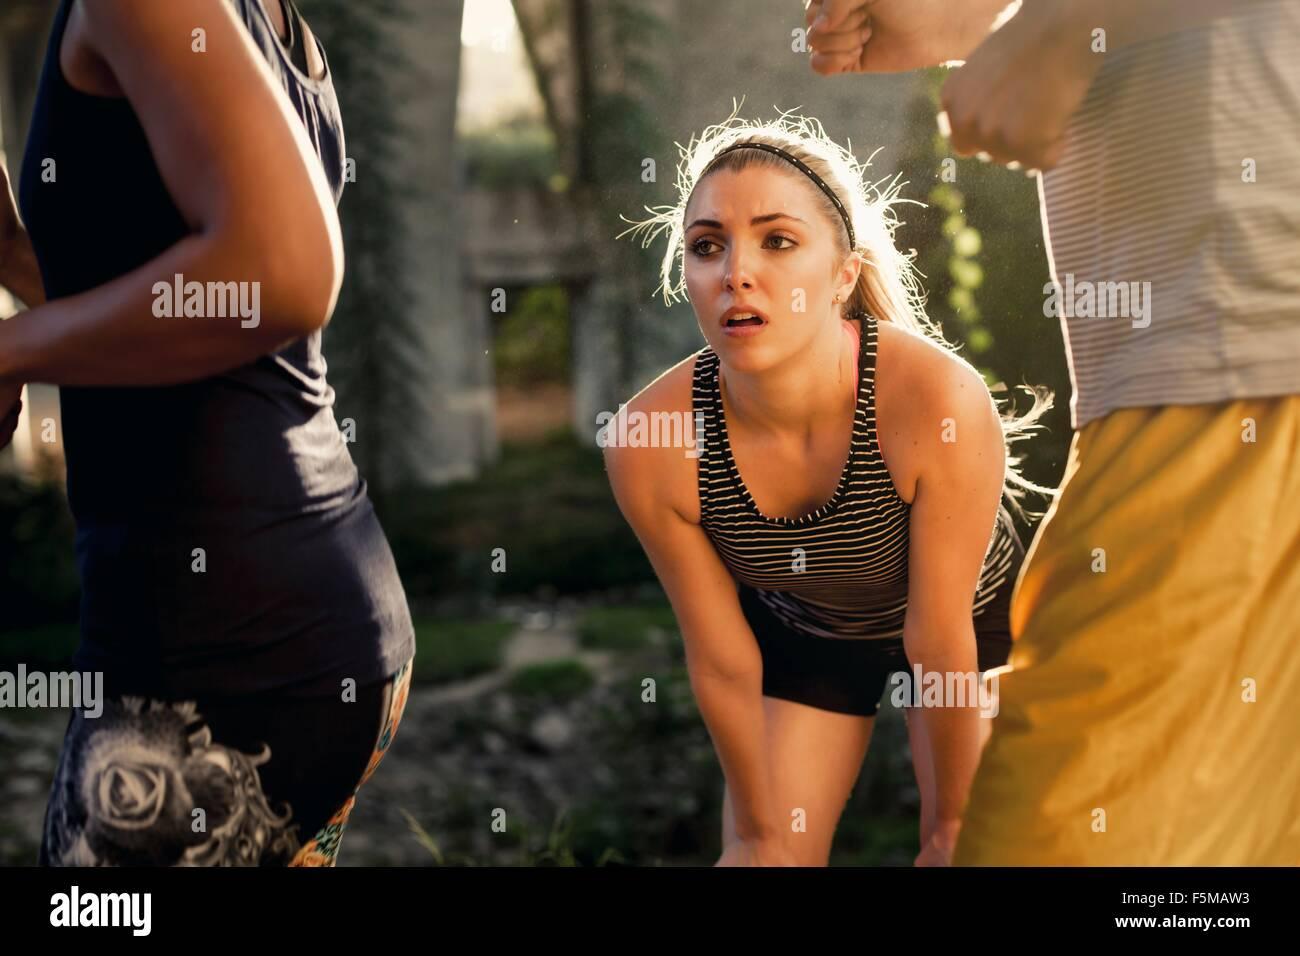 Los deportistas ejecutando pasado tomando emparejador romper, Arroyo Seco Parque, Pasadena, California, EE.UU. Foto de stock